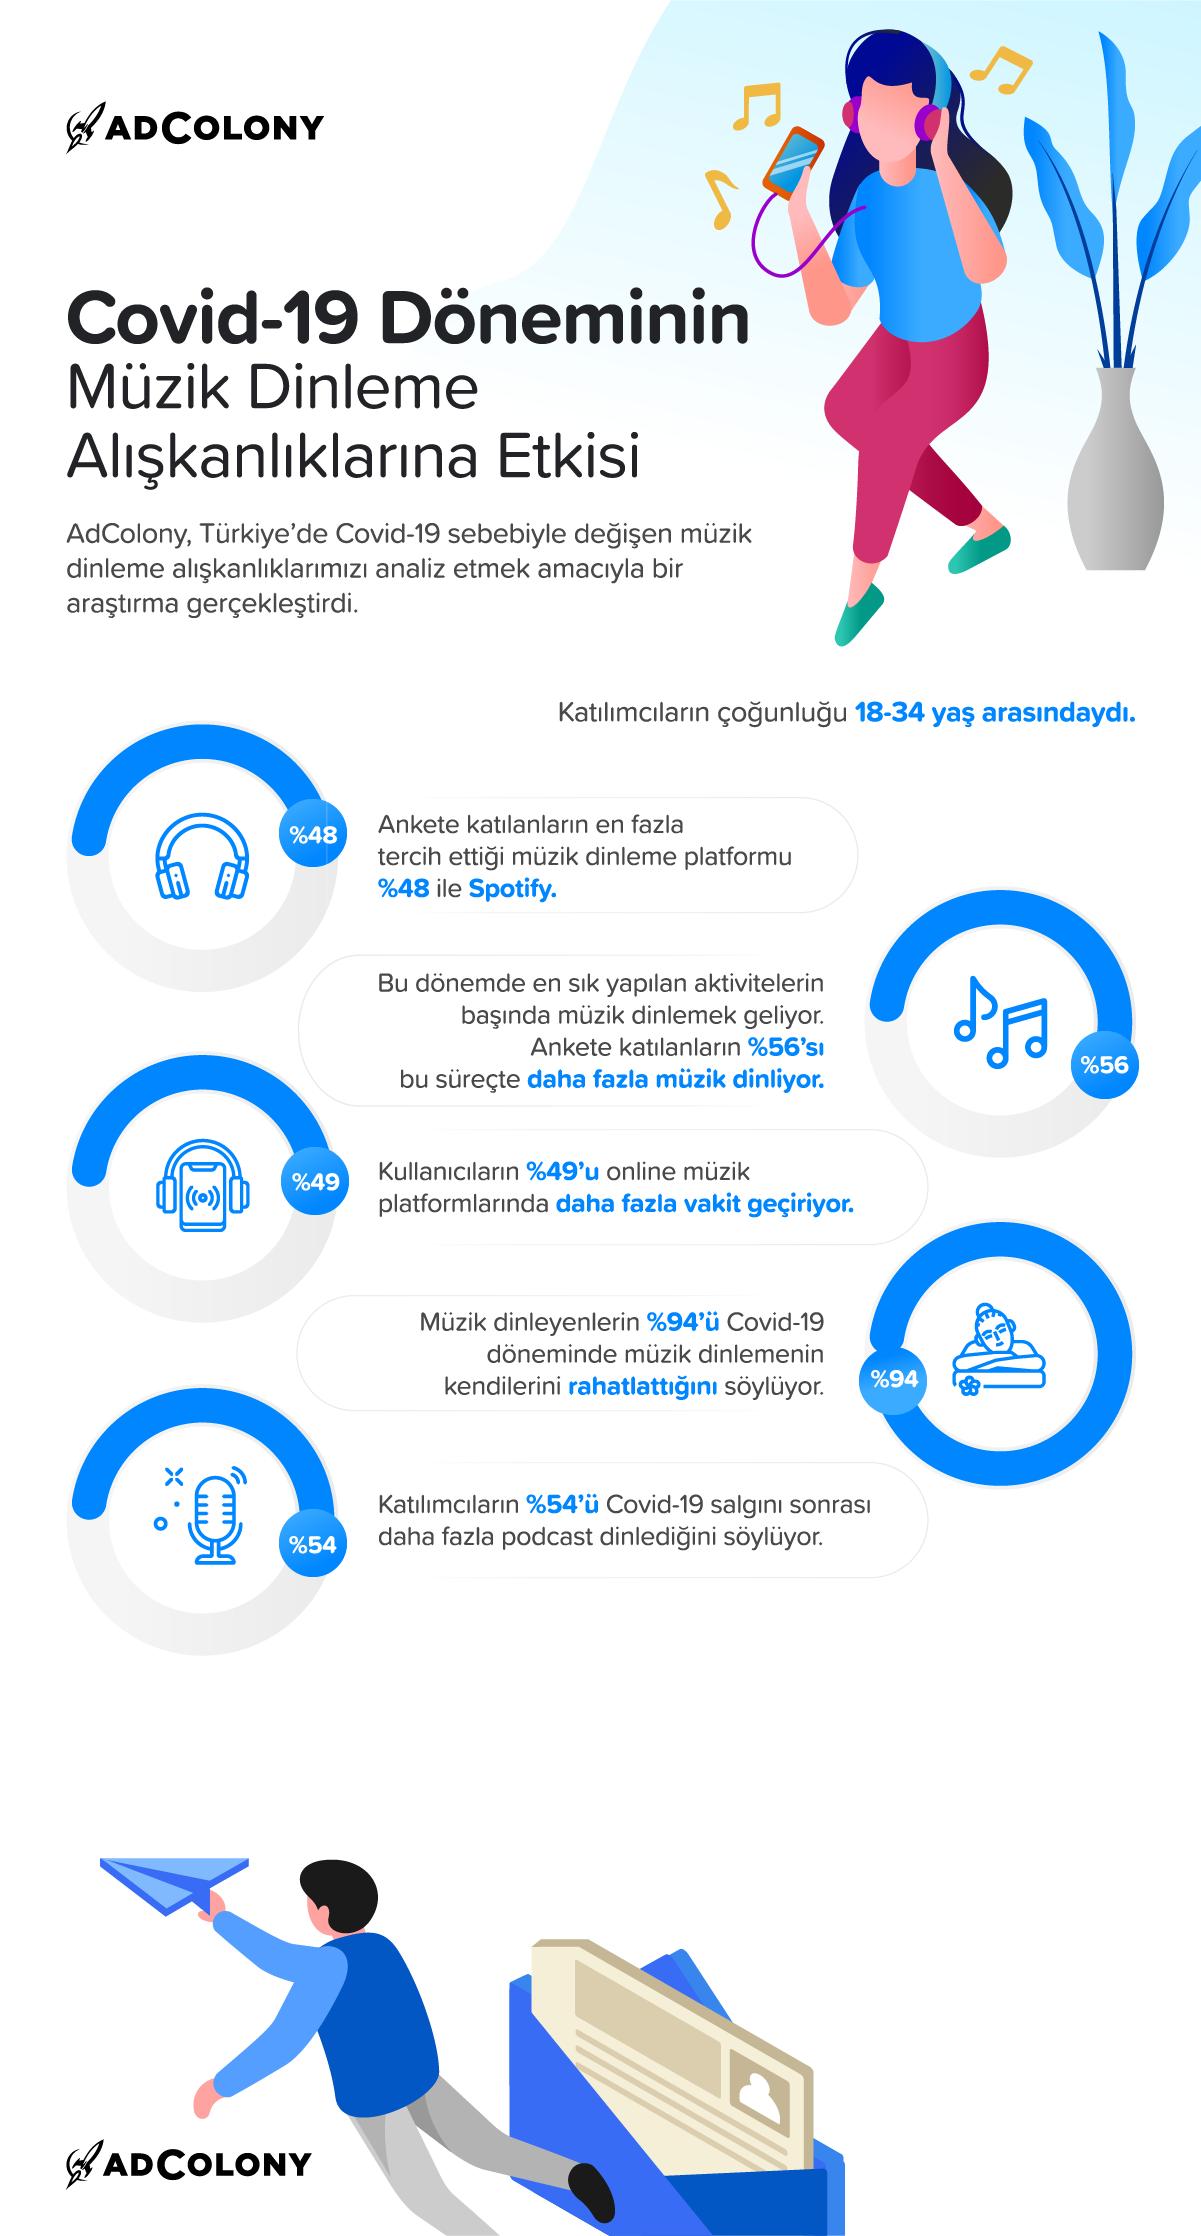 covid-19 müzik dinleme alışkanlıkları